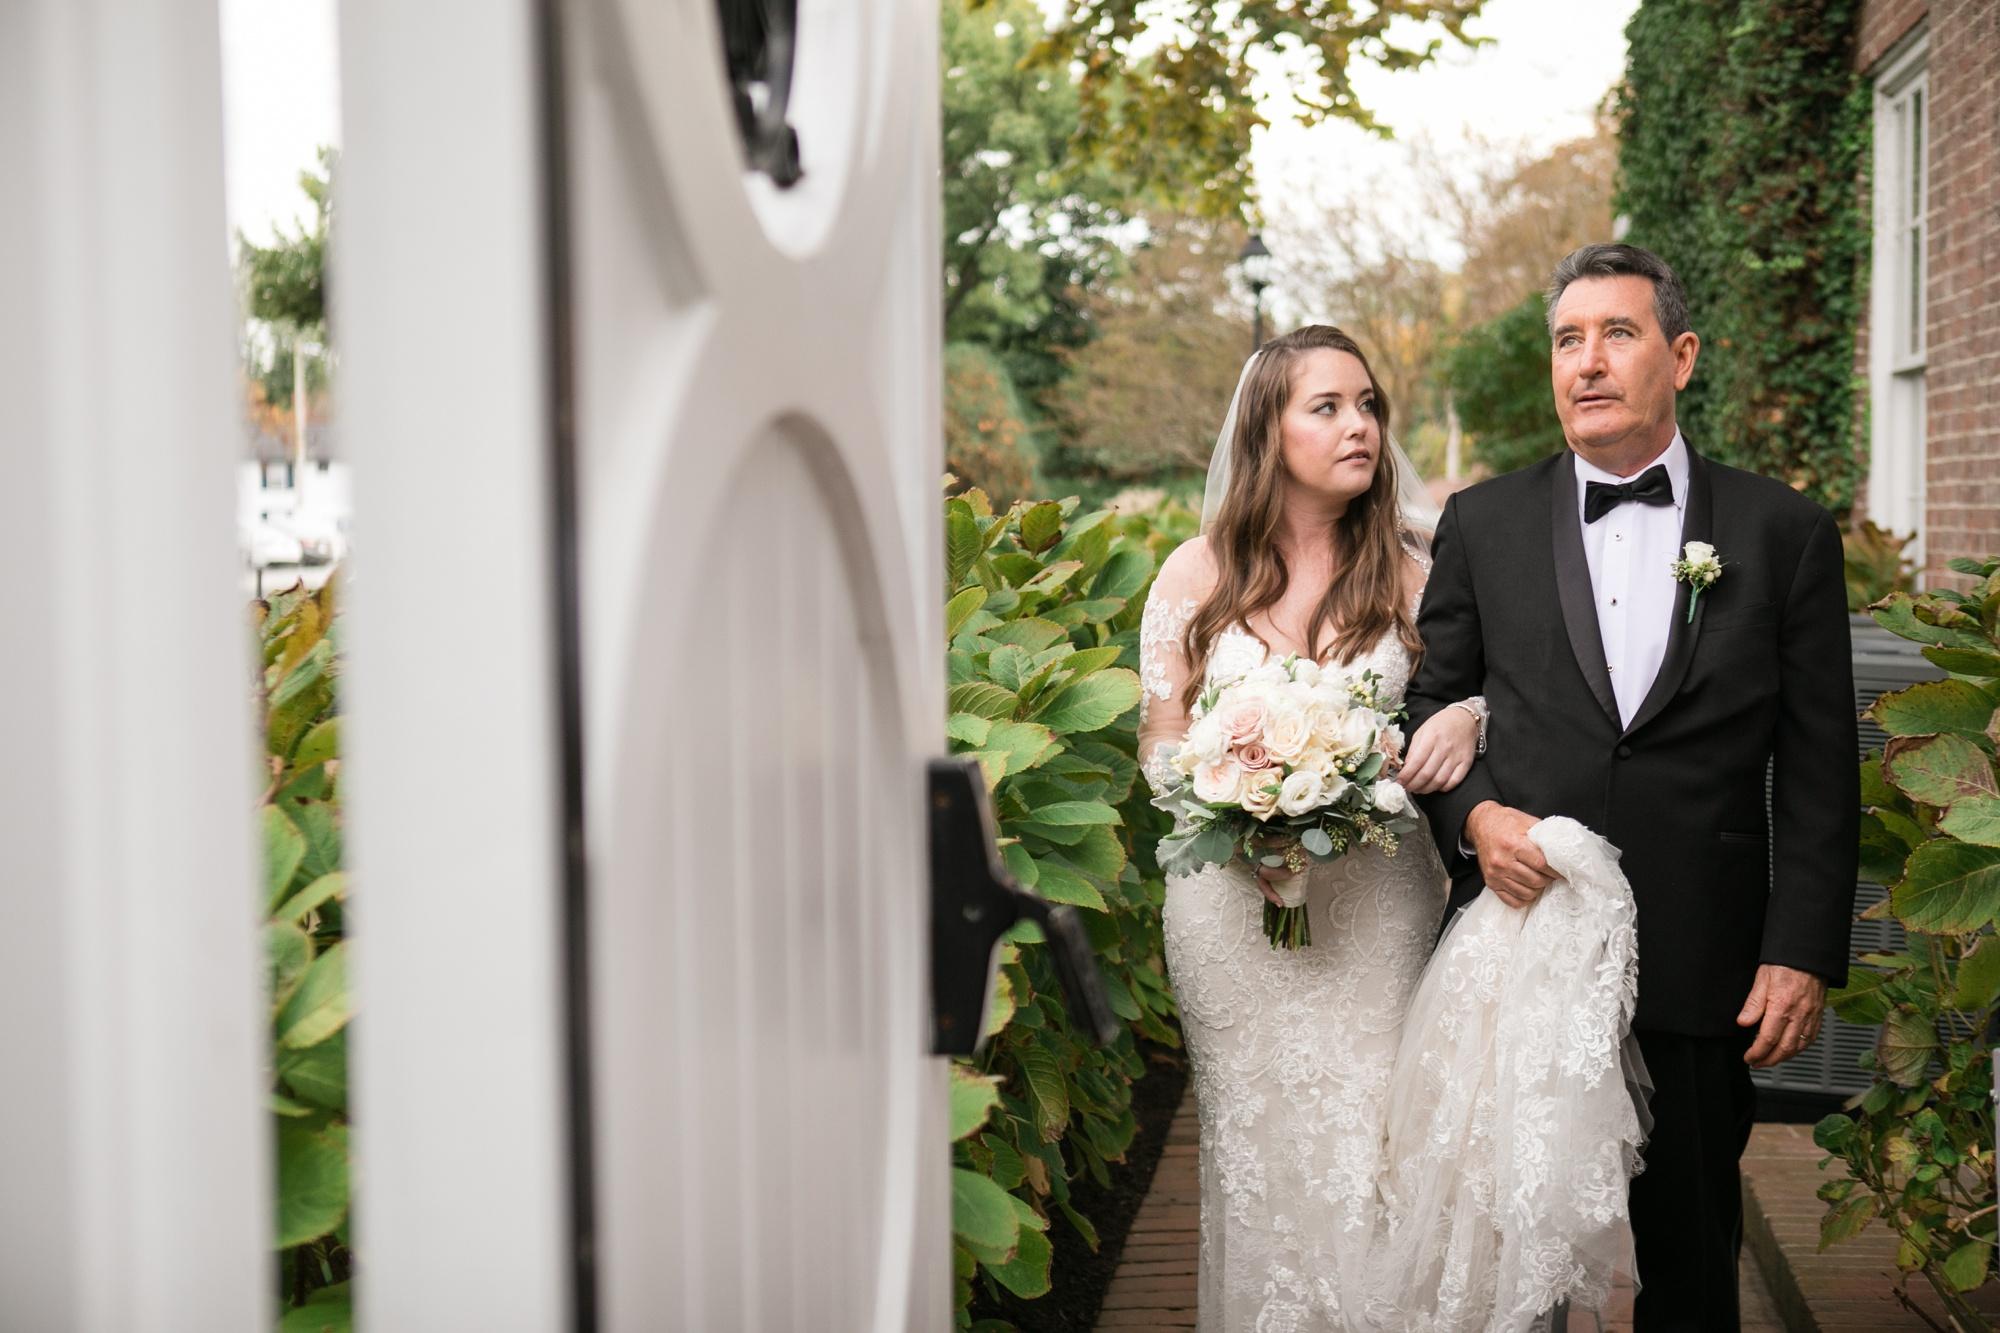 brides entrance wedding ceremony